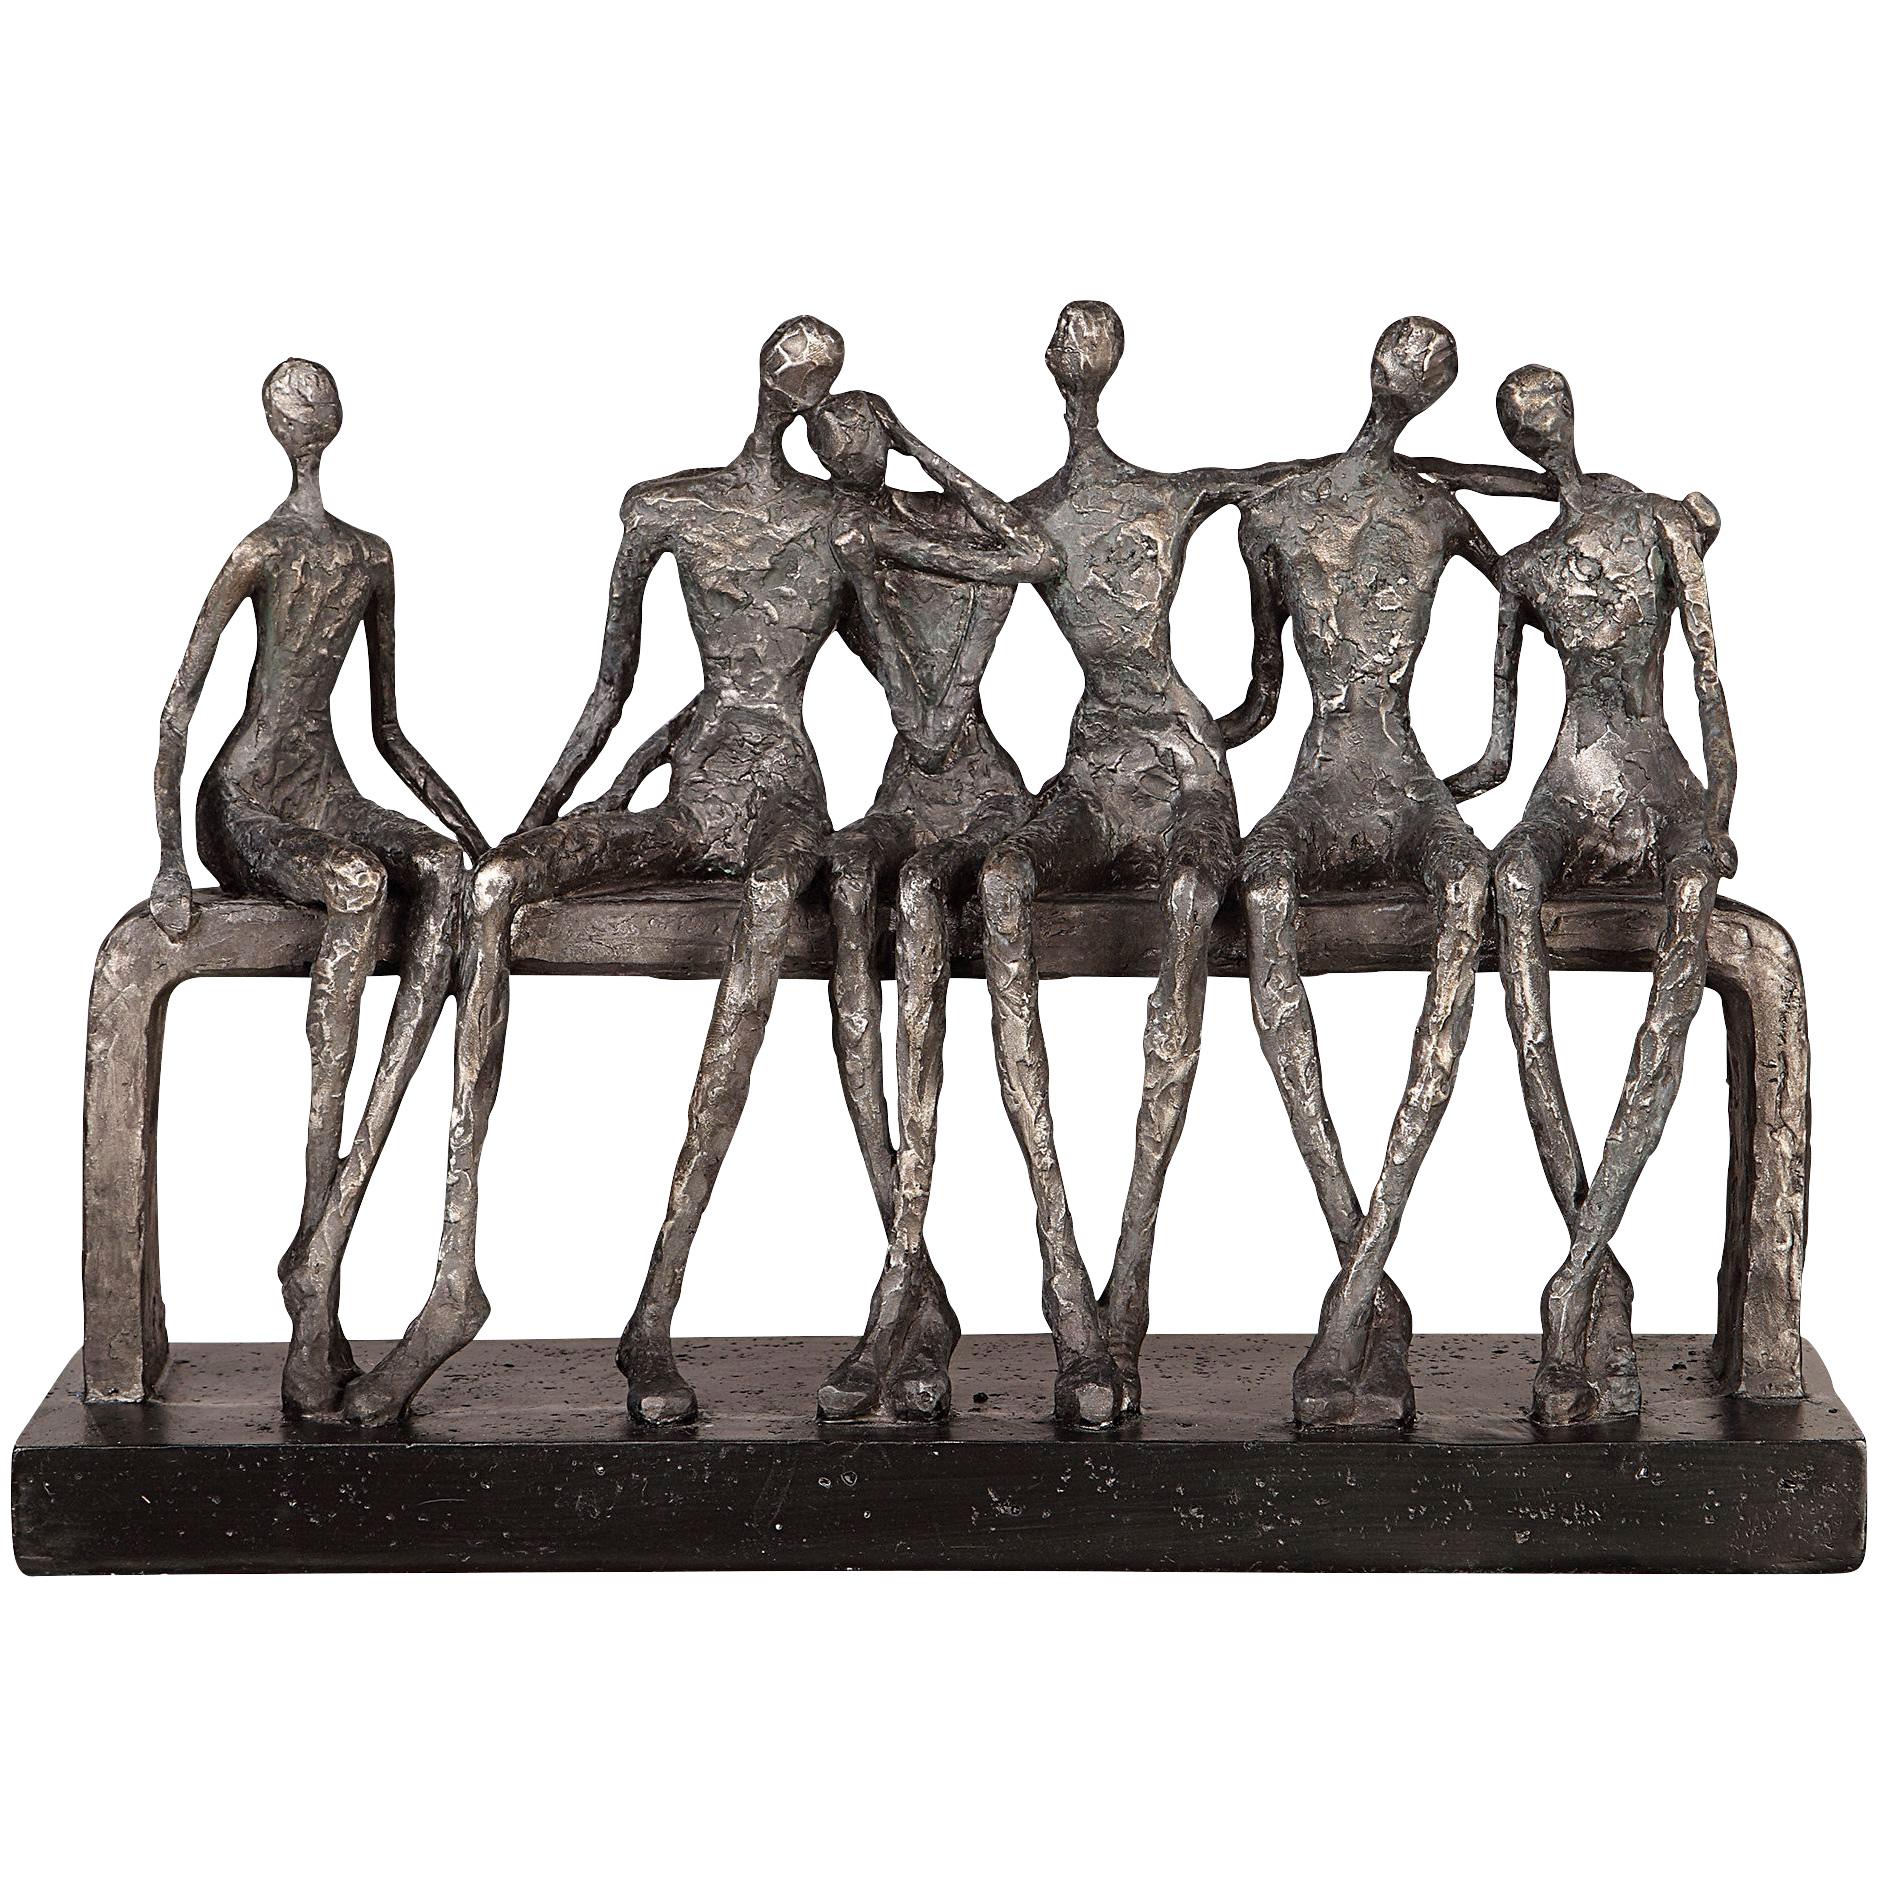 Uttermost | Camaraderie Silver Figurine